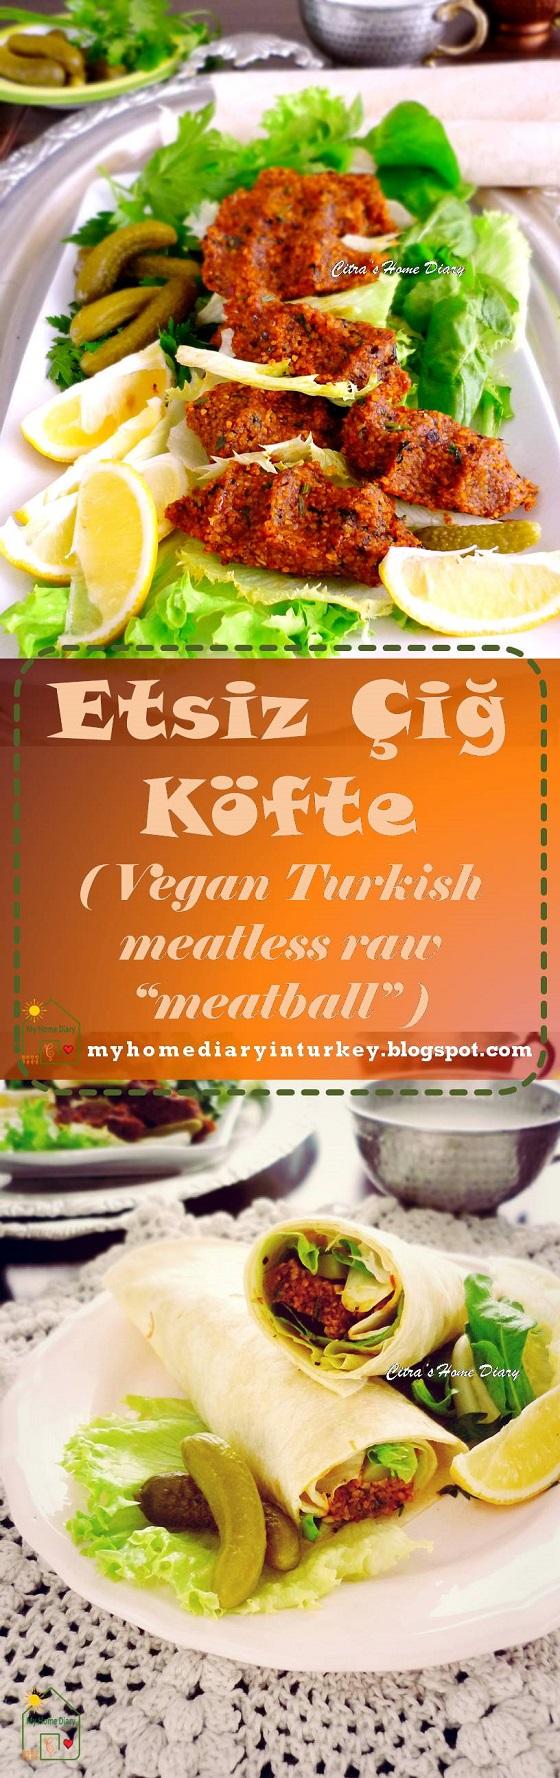 """Etsiz Çiğ Köfte / Turkish Meatless Raw  kofte """"meatball"""" . #turkishfood #veganrecipe #bulgur #kofte #cigkofte #turkishstreetfood"""